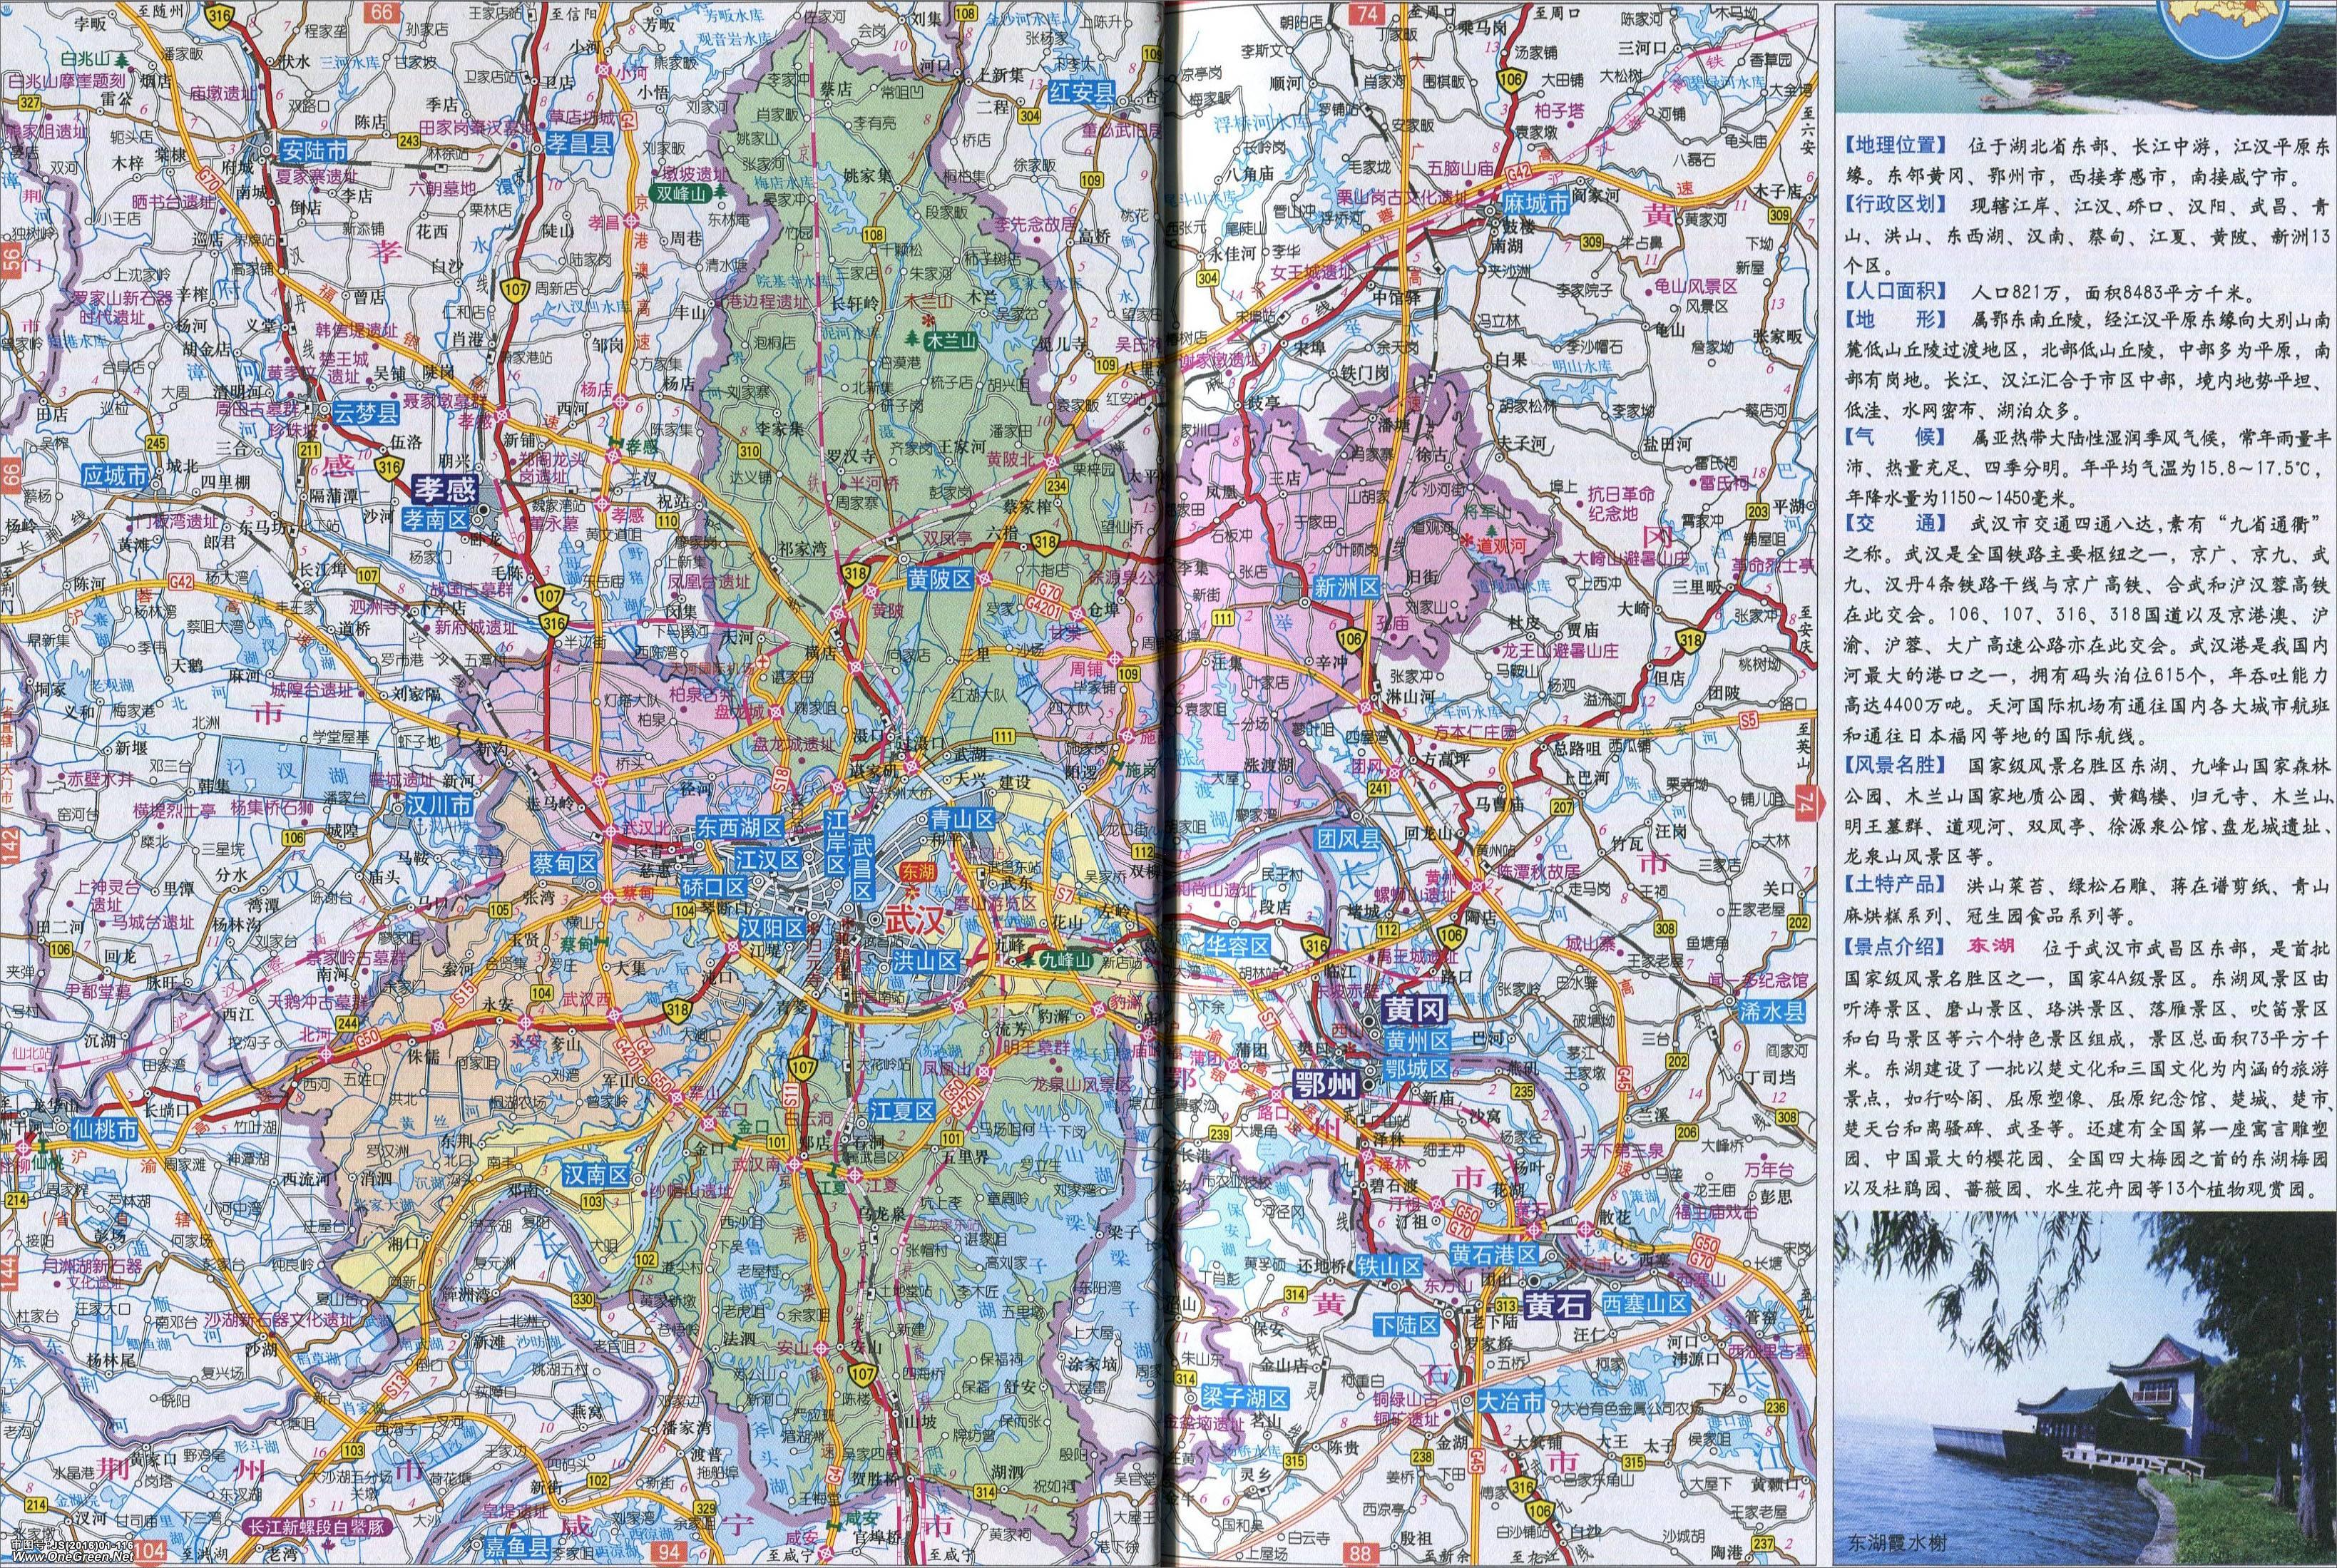 中国地图湖北恩施_武汉市地图高清版_武汉地图库_地图窝